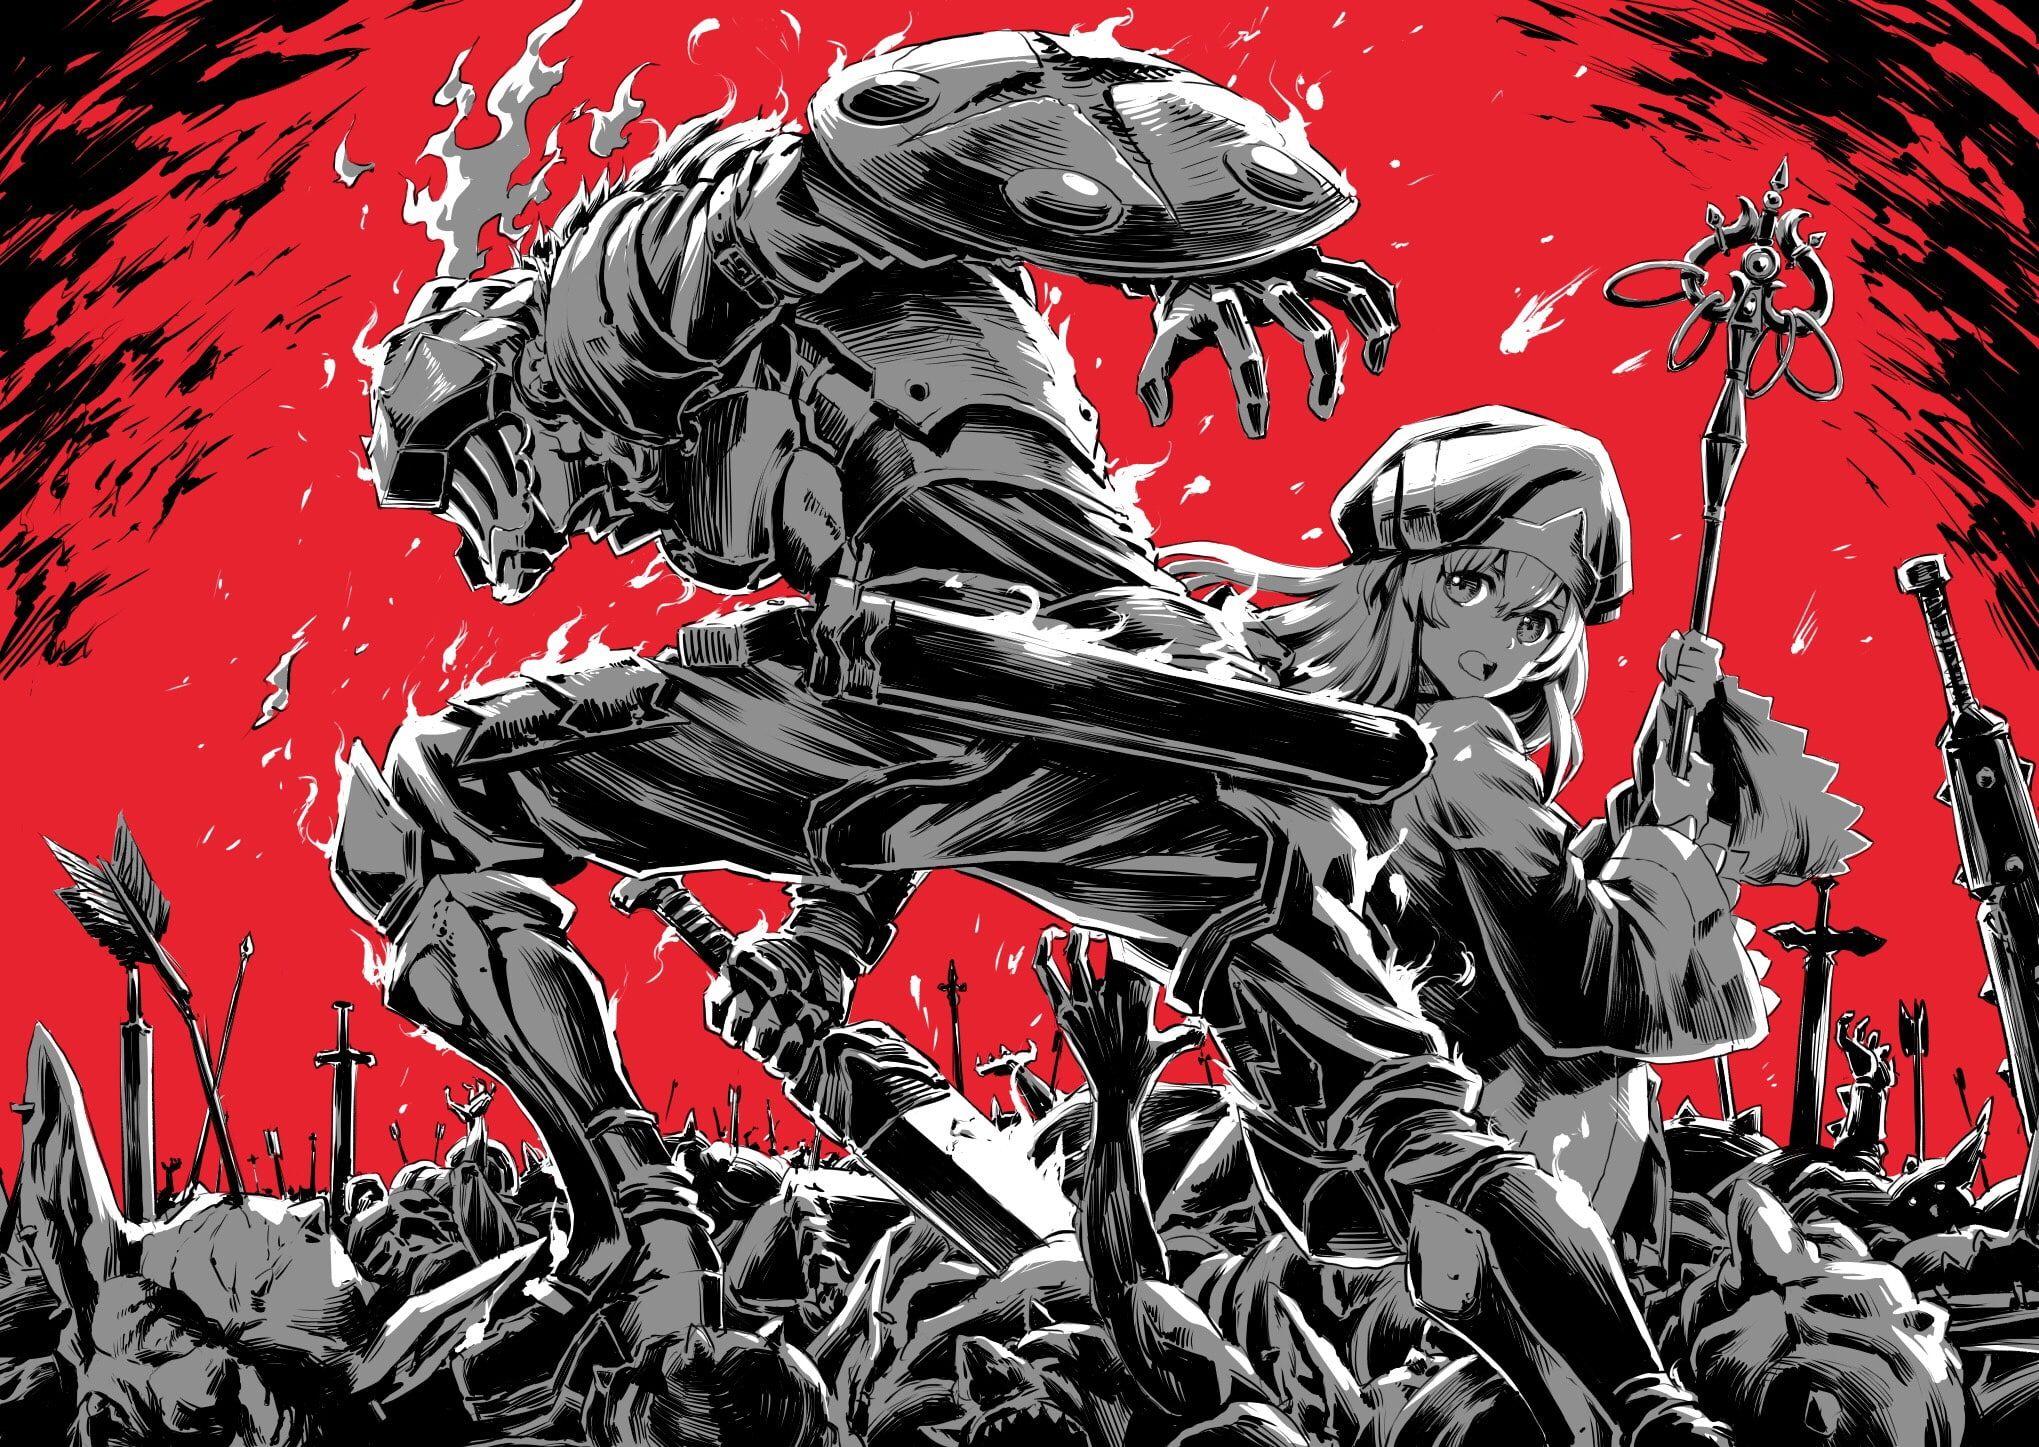 Anime Goblin Slayer Onna Shinkan 1080p Wallpaper Hdwallpaper Desktop Slayer Anime Slayer Anime